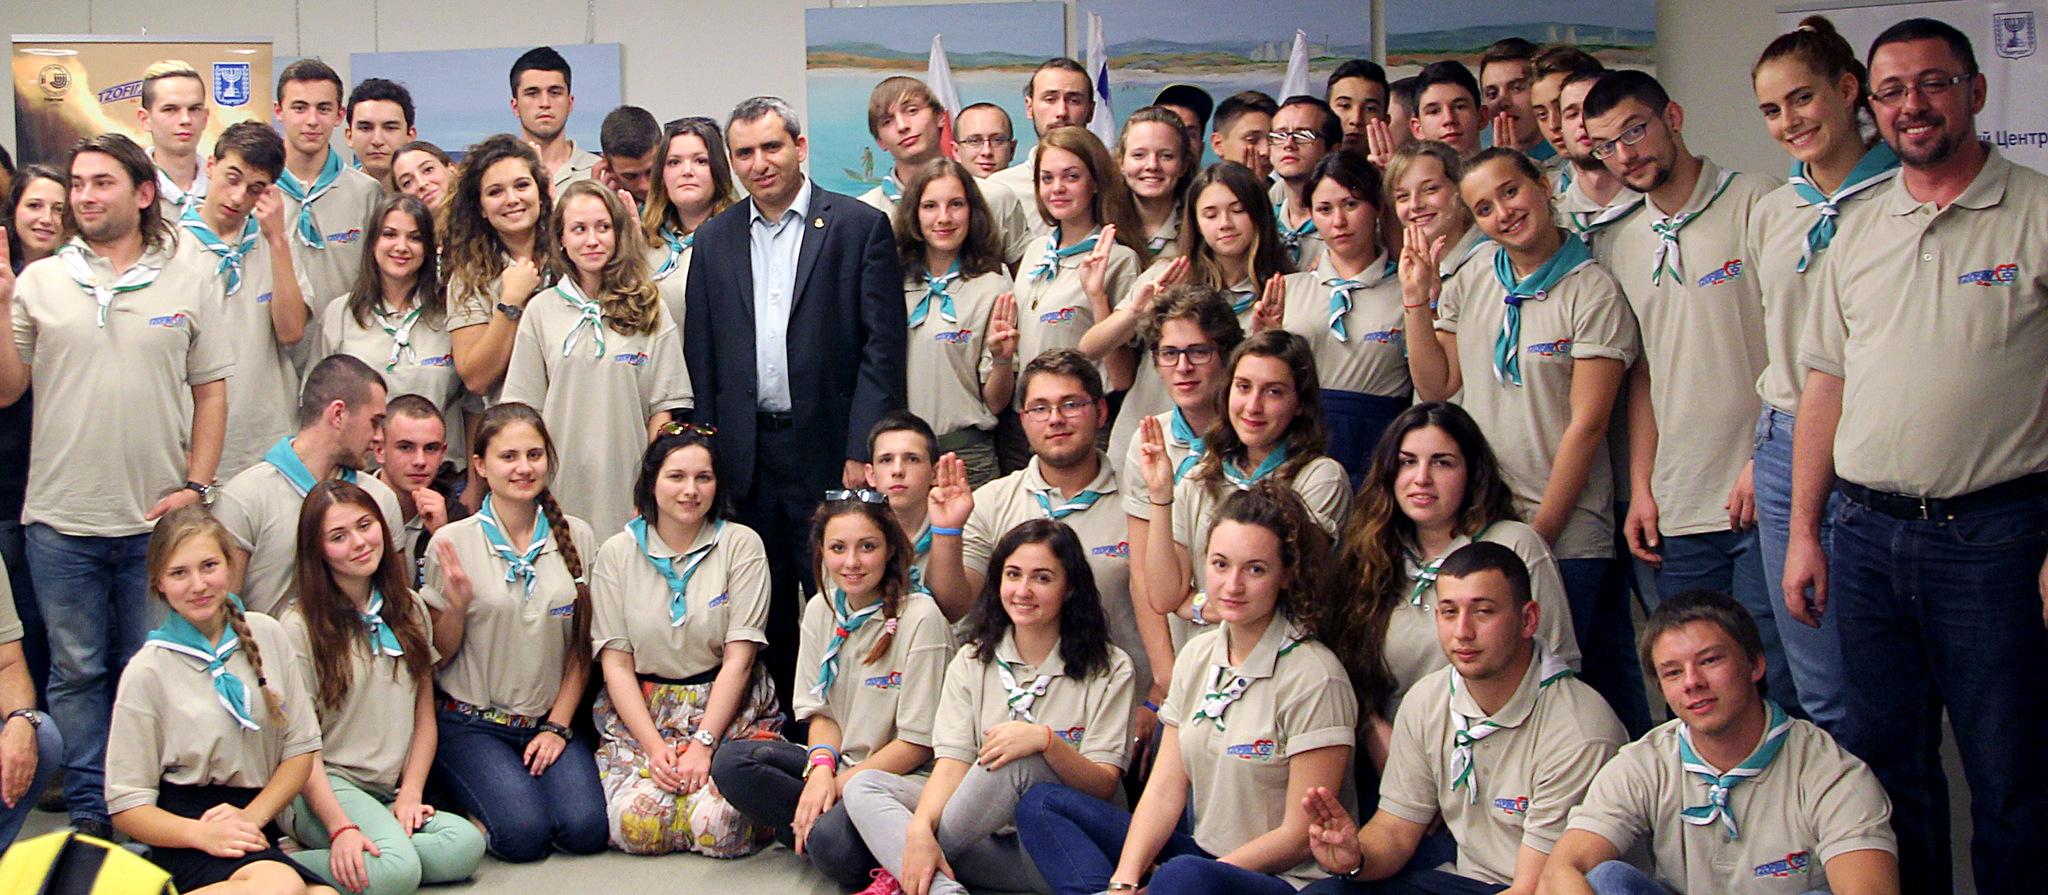 Участники семинара «Атид» с министром репатриации и абсорбции Зеэвом Элькином.